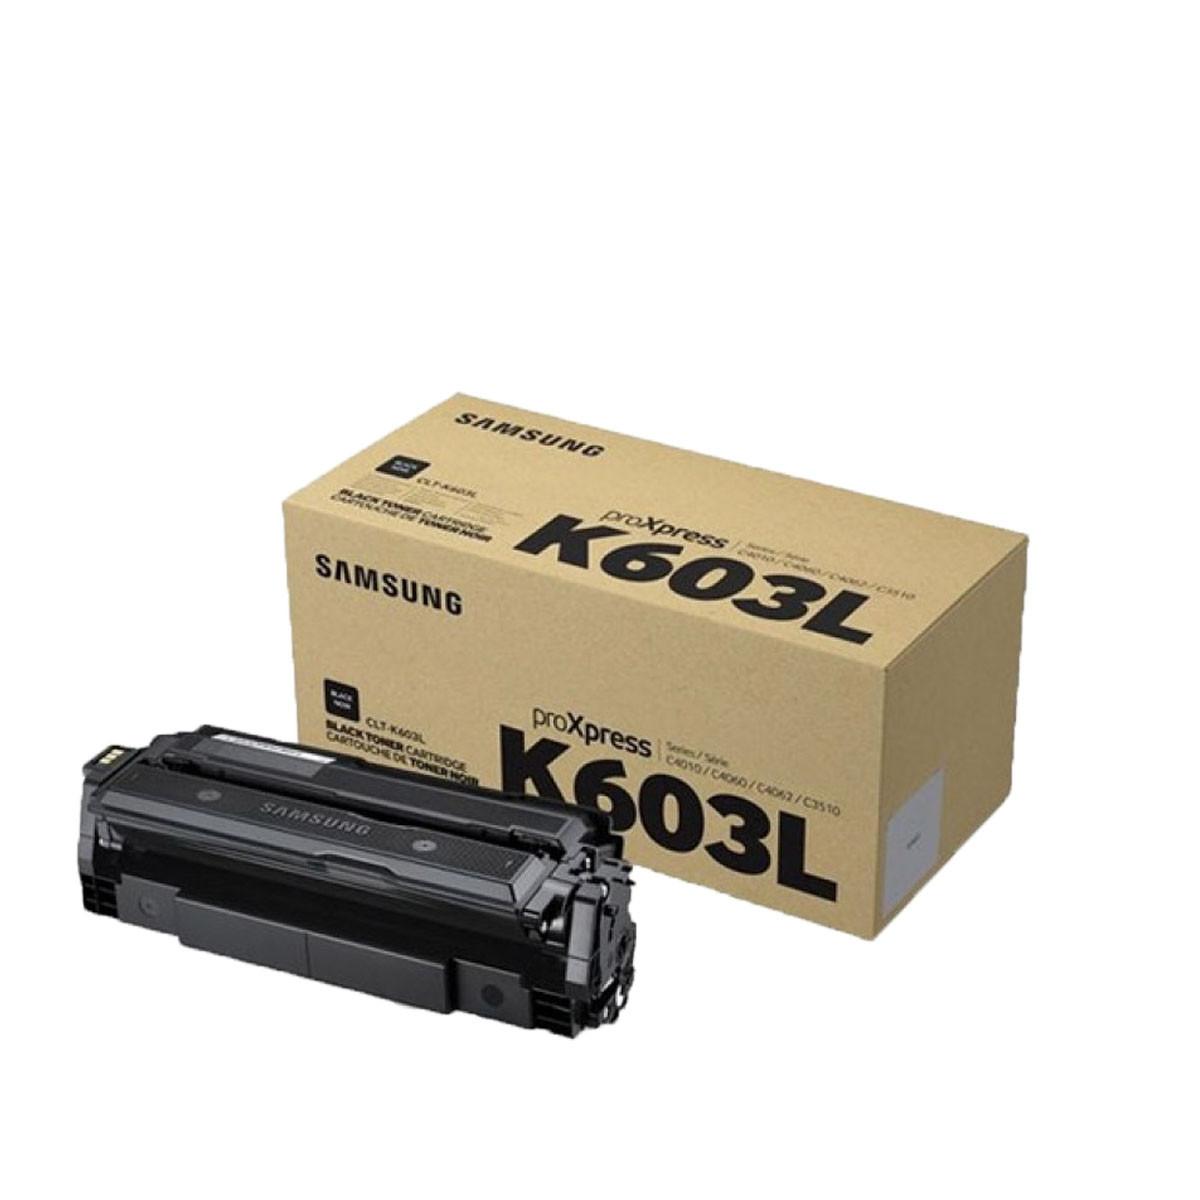 Toner Samsung CLT-K603L K-603L Preto   C4010 C4060   Original 15K